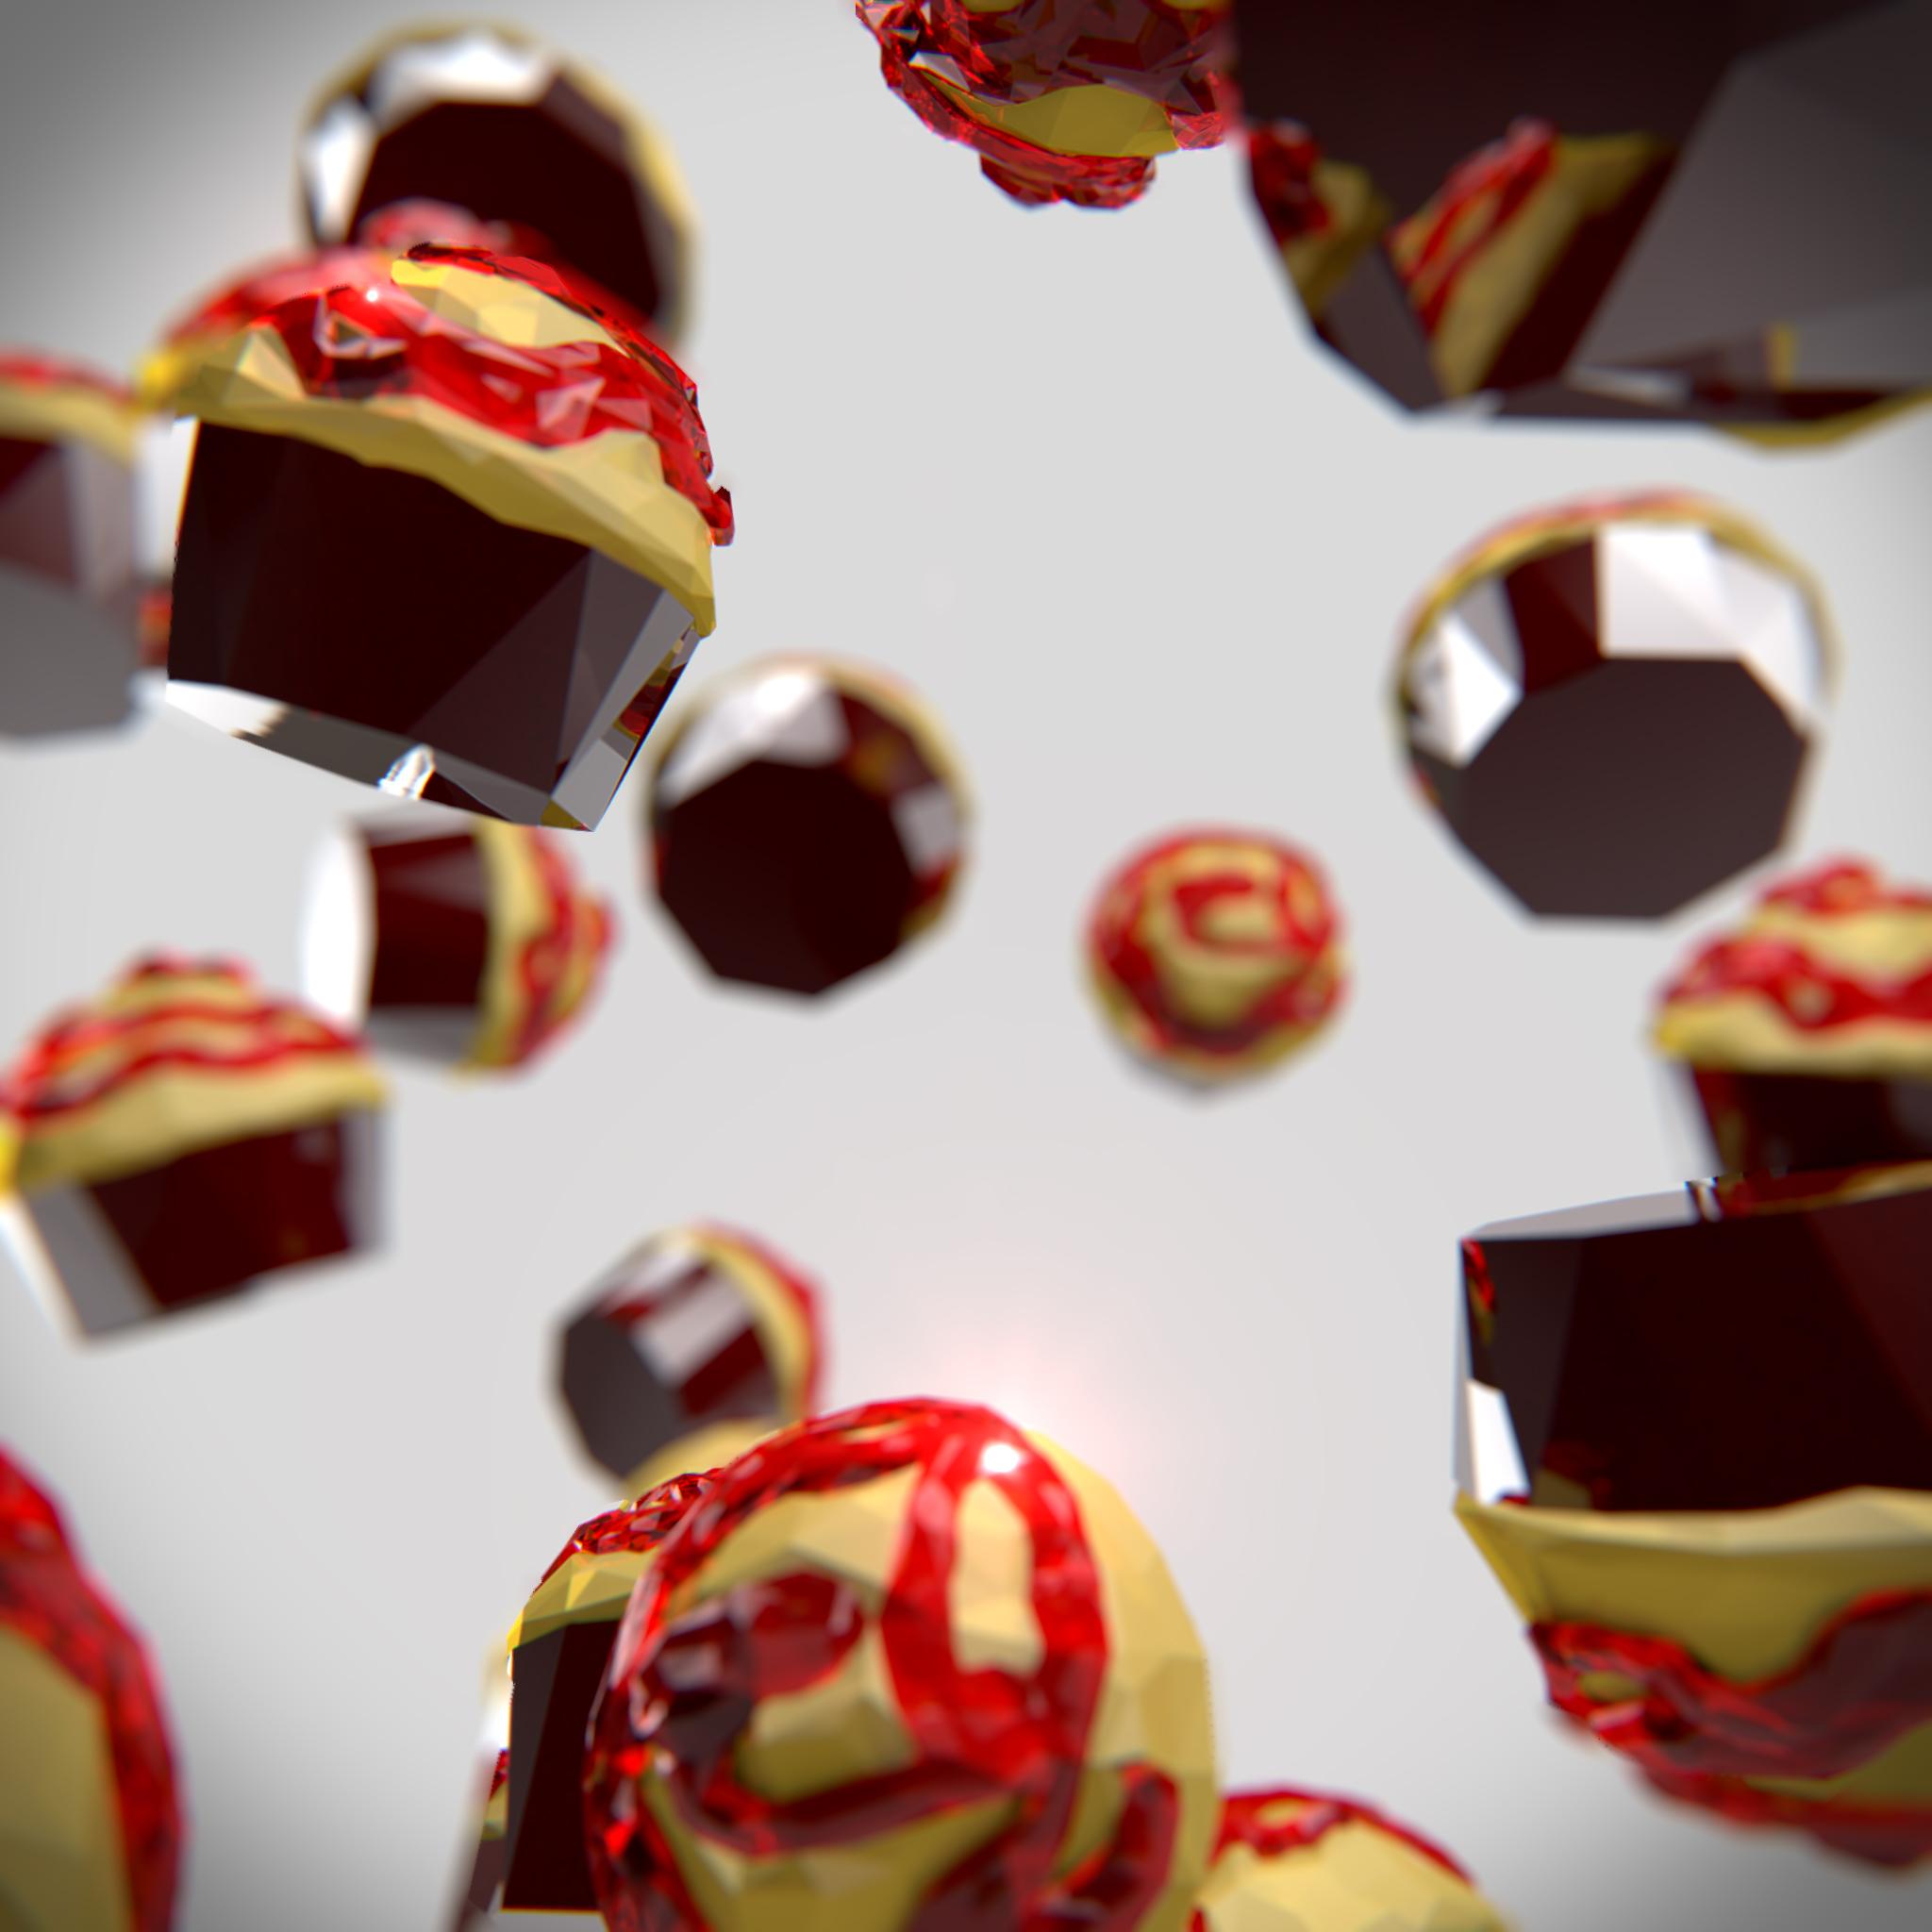 cupcakePartyCOMP_01.jpg